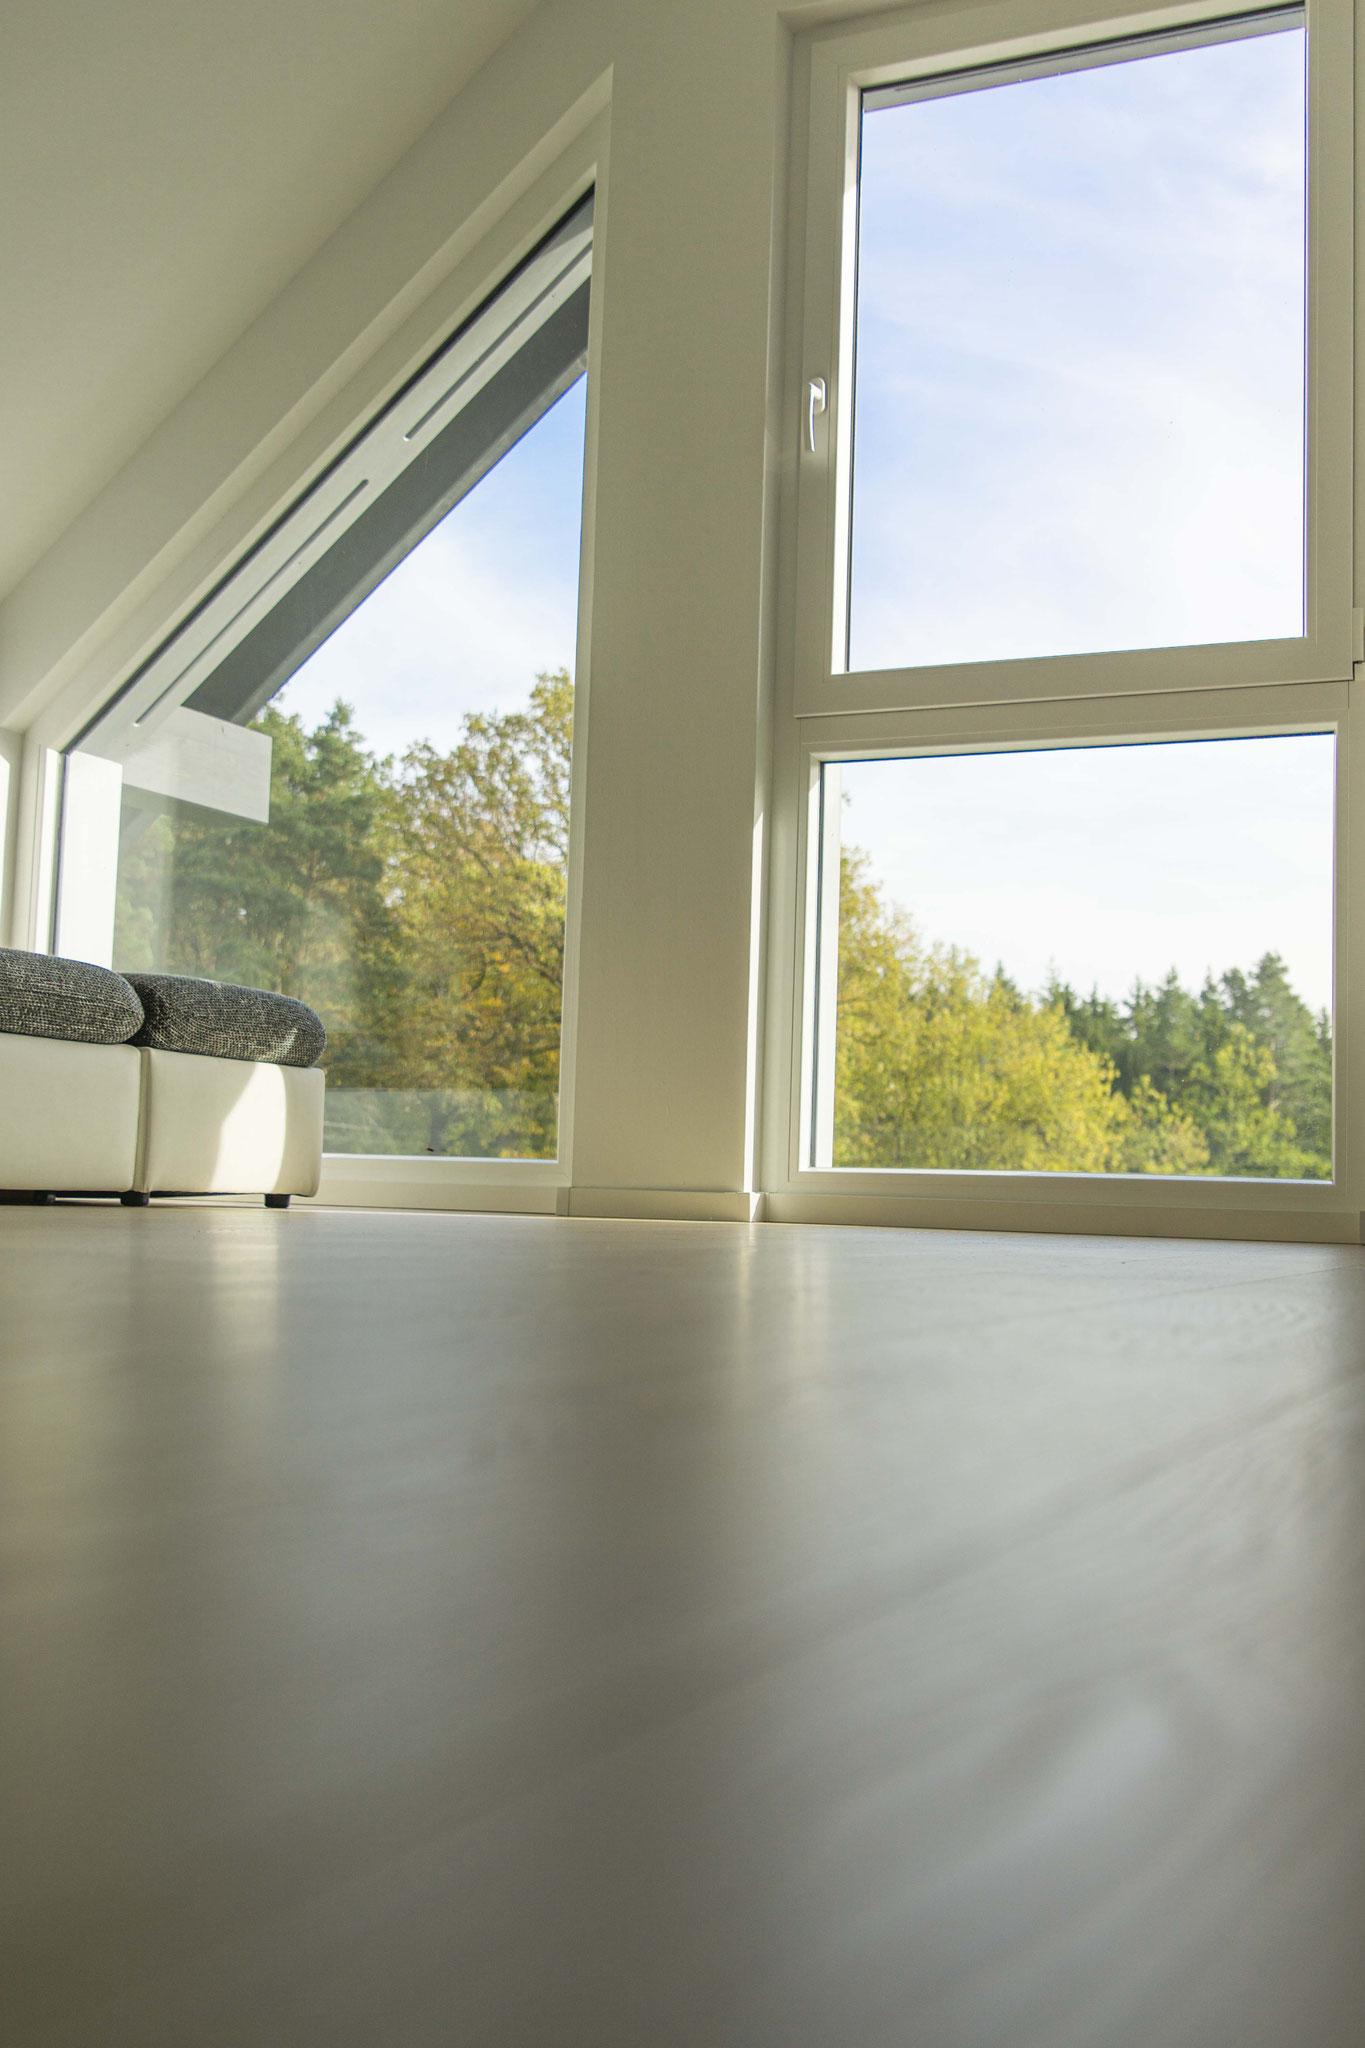 Hell und freundlich - individuelle Gestaltung der Räume. Foto: Dominik Frank